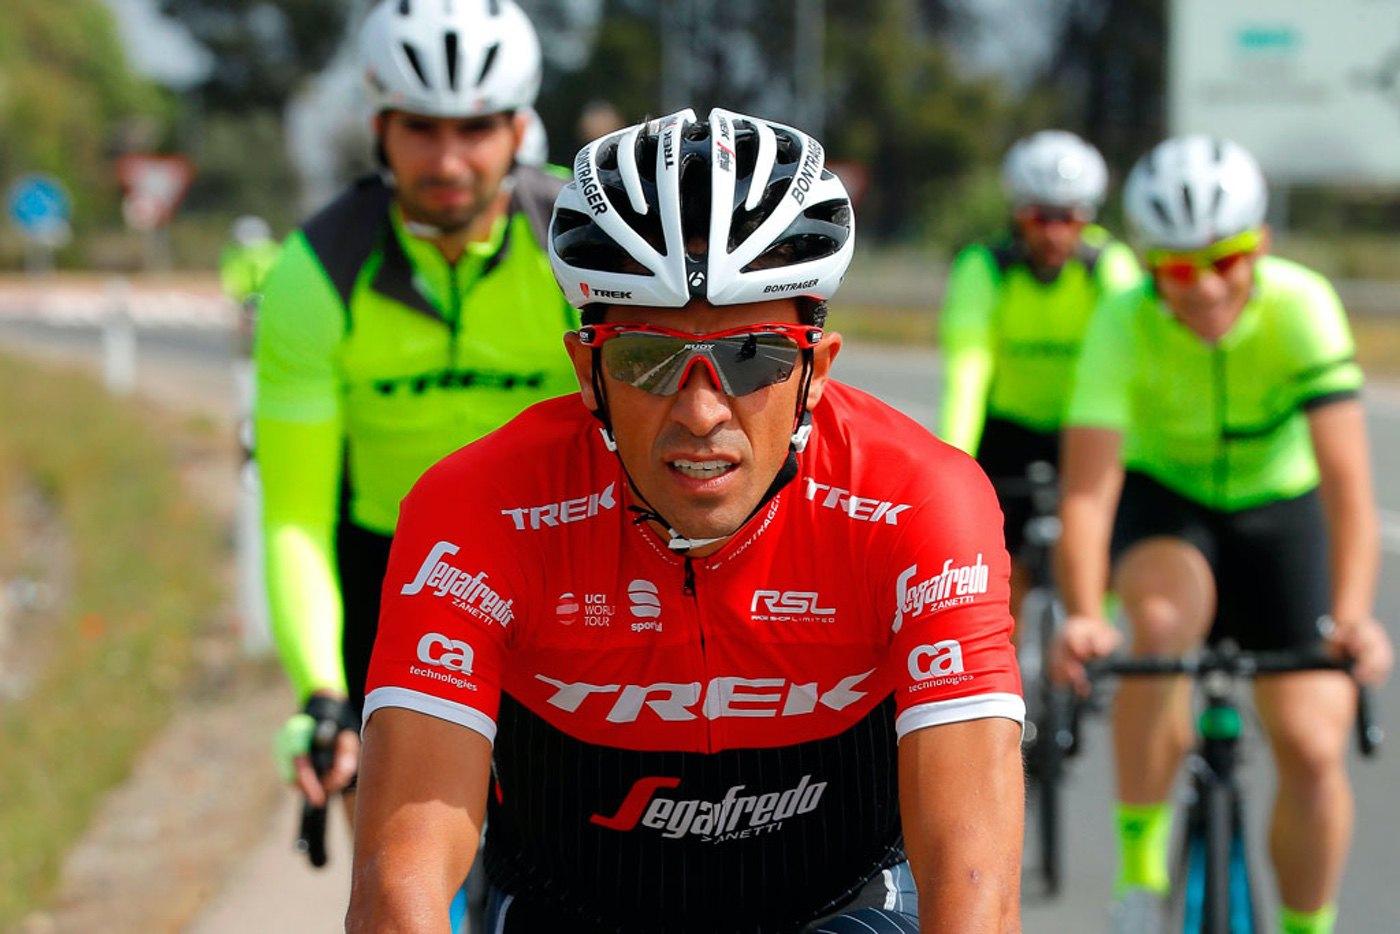 Alberto Contador siempre visible en carretera